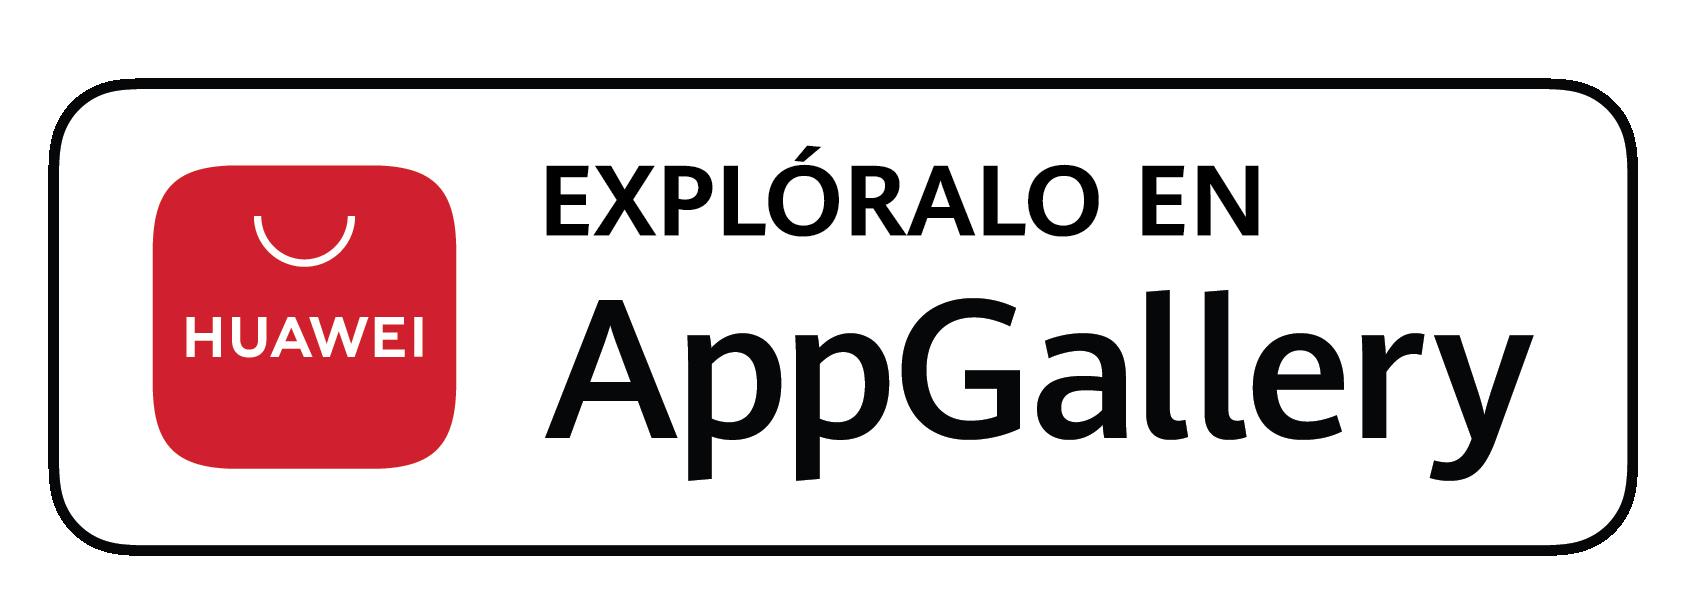 Descarga Aplicacion iOS apple iphone